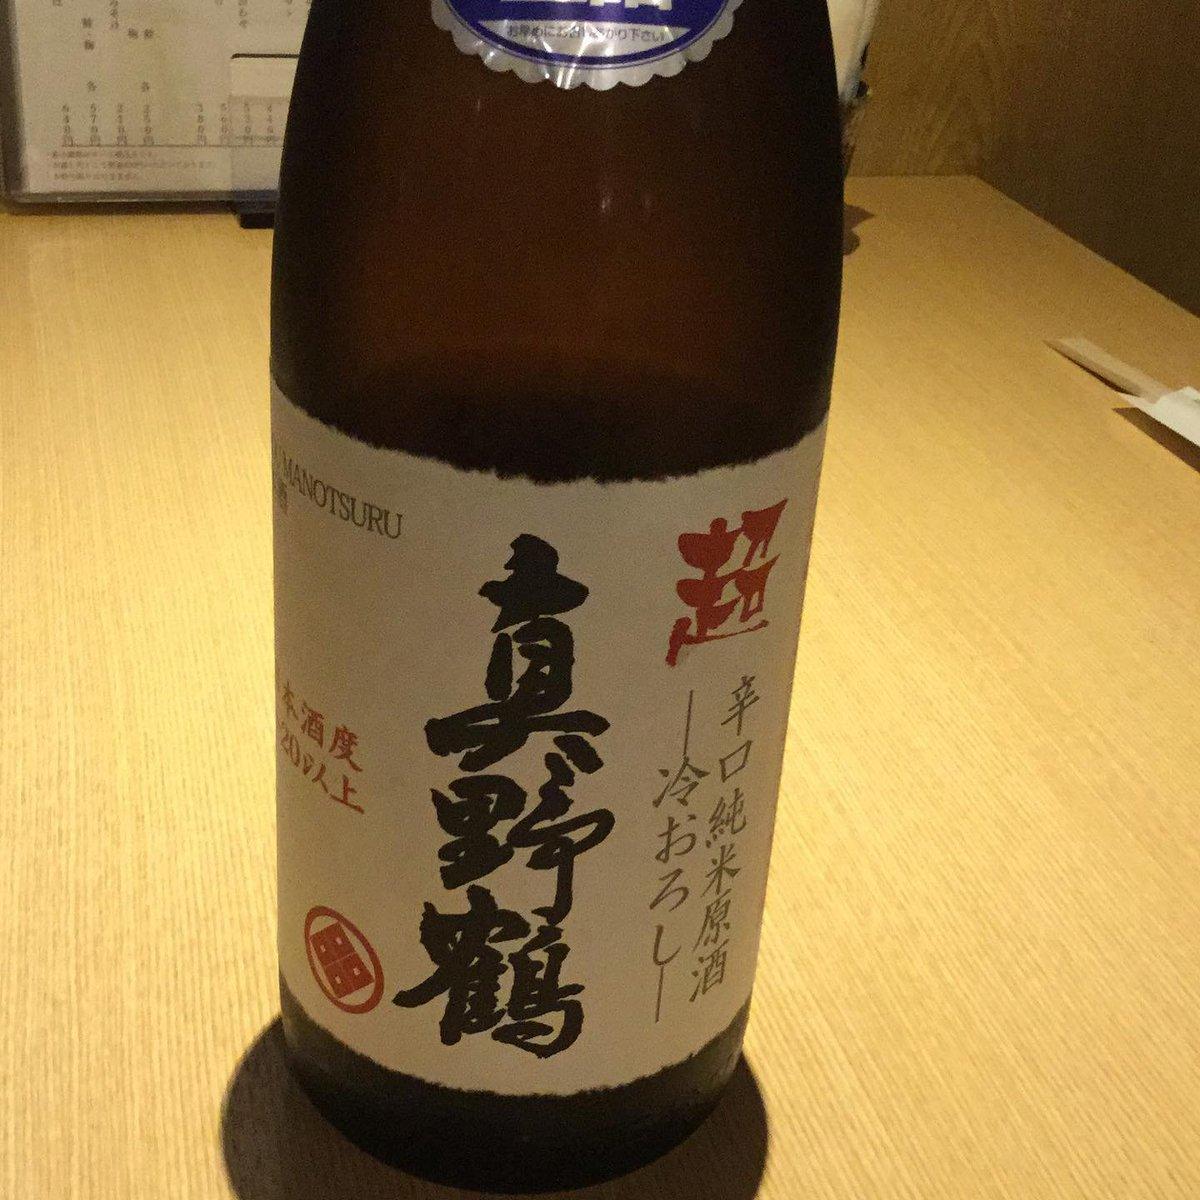 test ツイッターメディア - こんにちは河童です。 超真野鶴のひやおろしが入荷しました!日本でもトップクラスの日本酒度+20を超える辛口のお酒ですよ!辛口好きの方は是非ご賞味あれ❗️ 今日も5時から営業しています!  #新潟 #新潟駅前 #河童 #日本酒 #刺身 #お一人様 #カウンター席 #郷土料理 #真野鶴 #超辛口純米 #季節限定 https://t.co/0asN7dEJEF